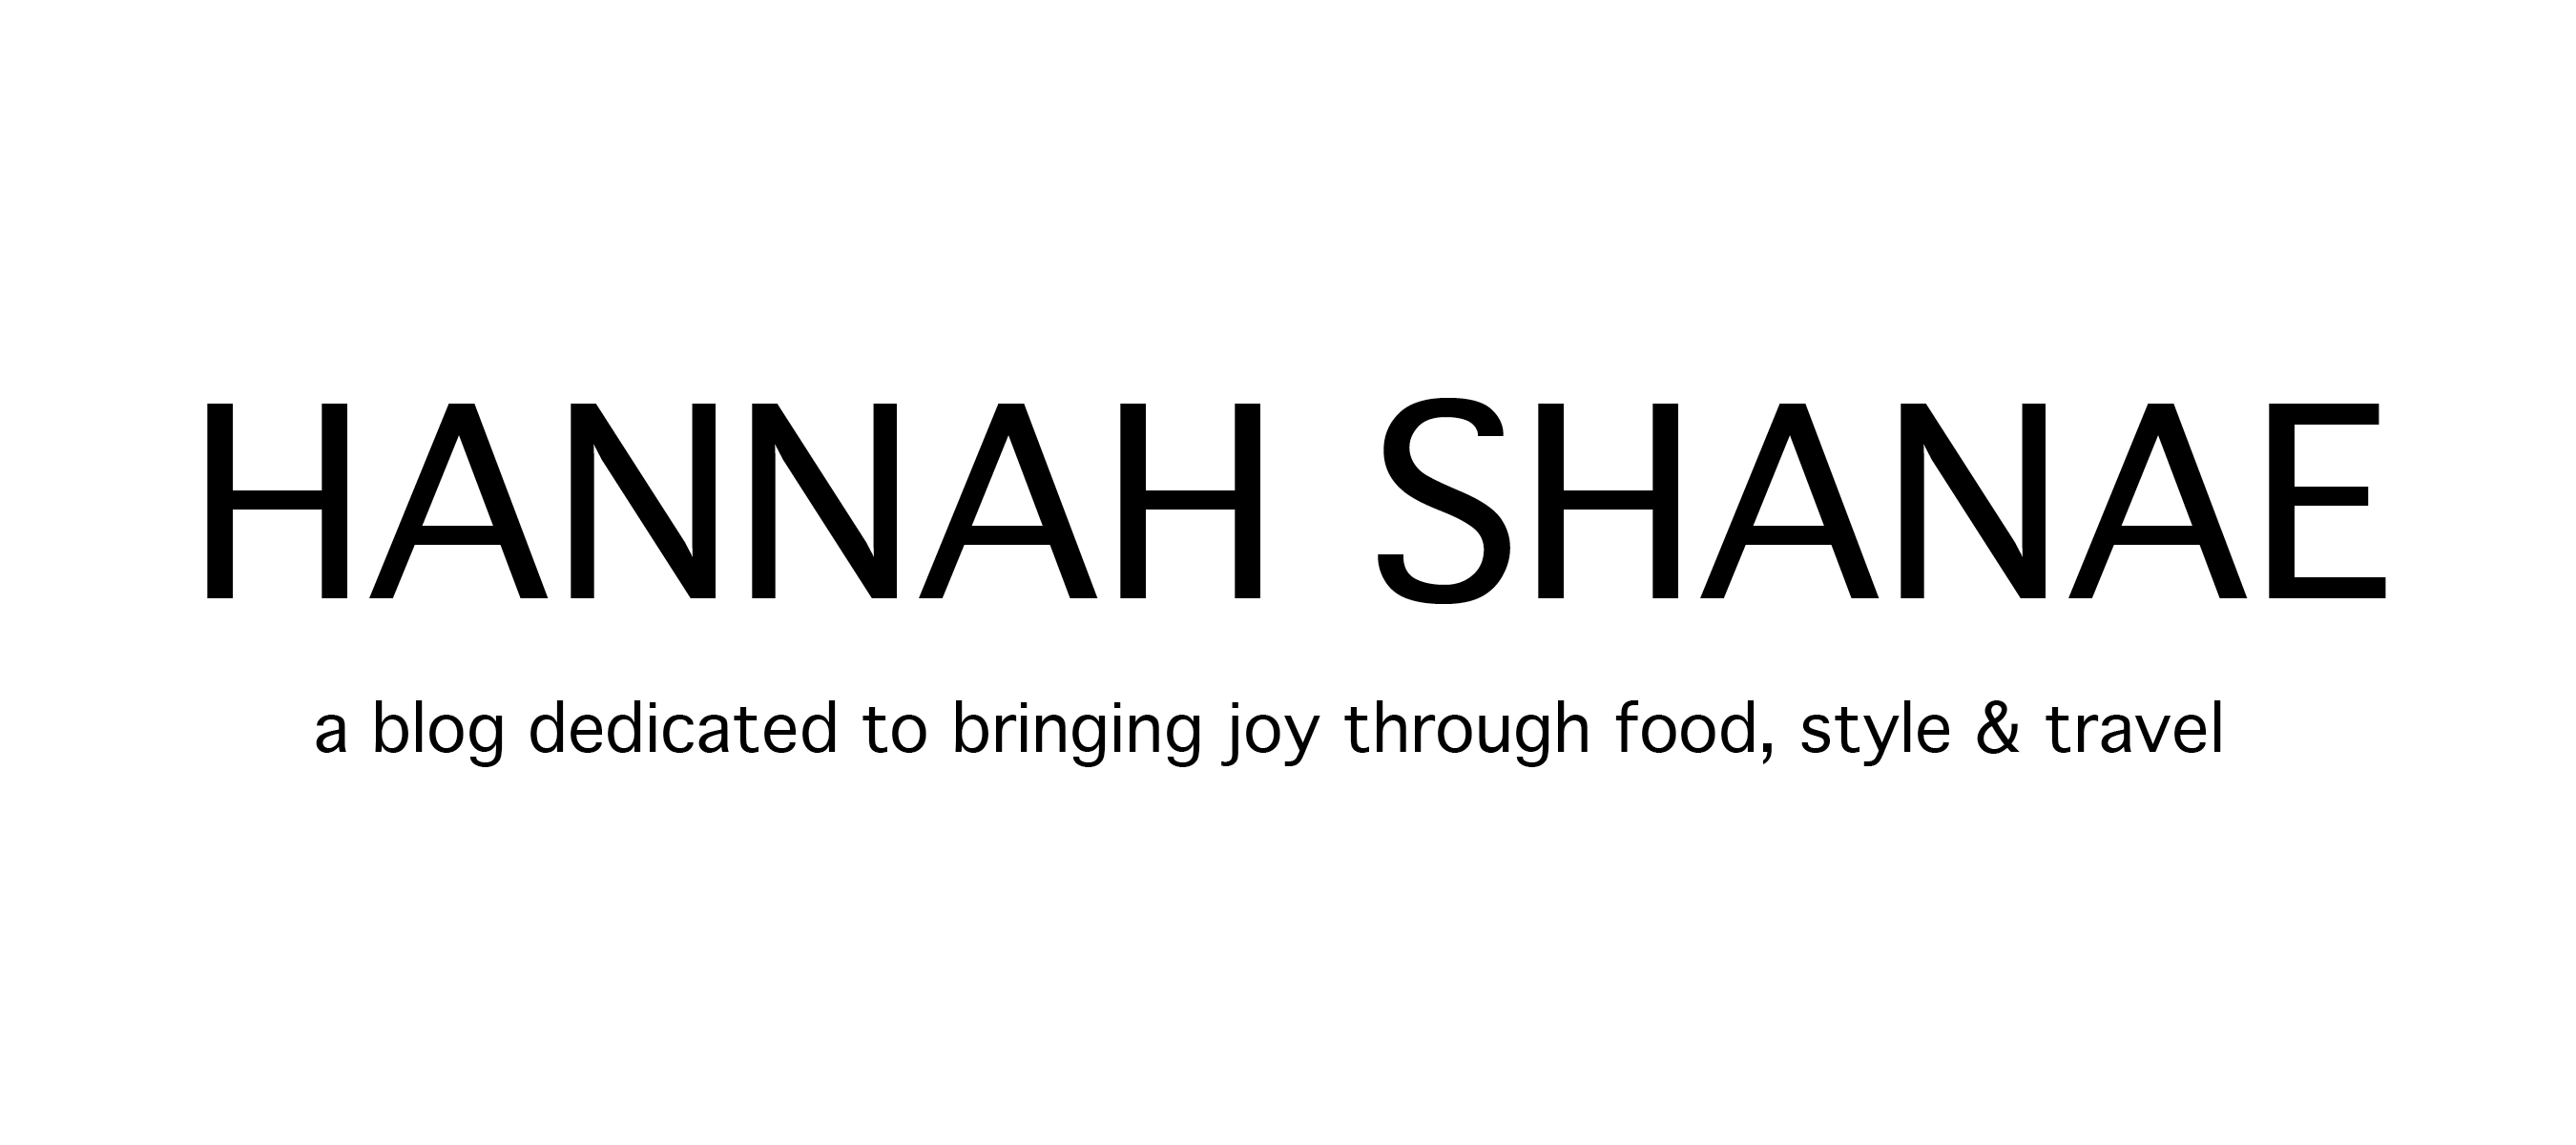 Hannah Shanae